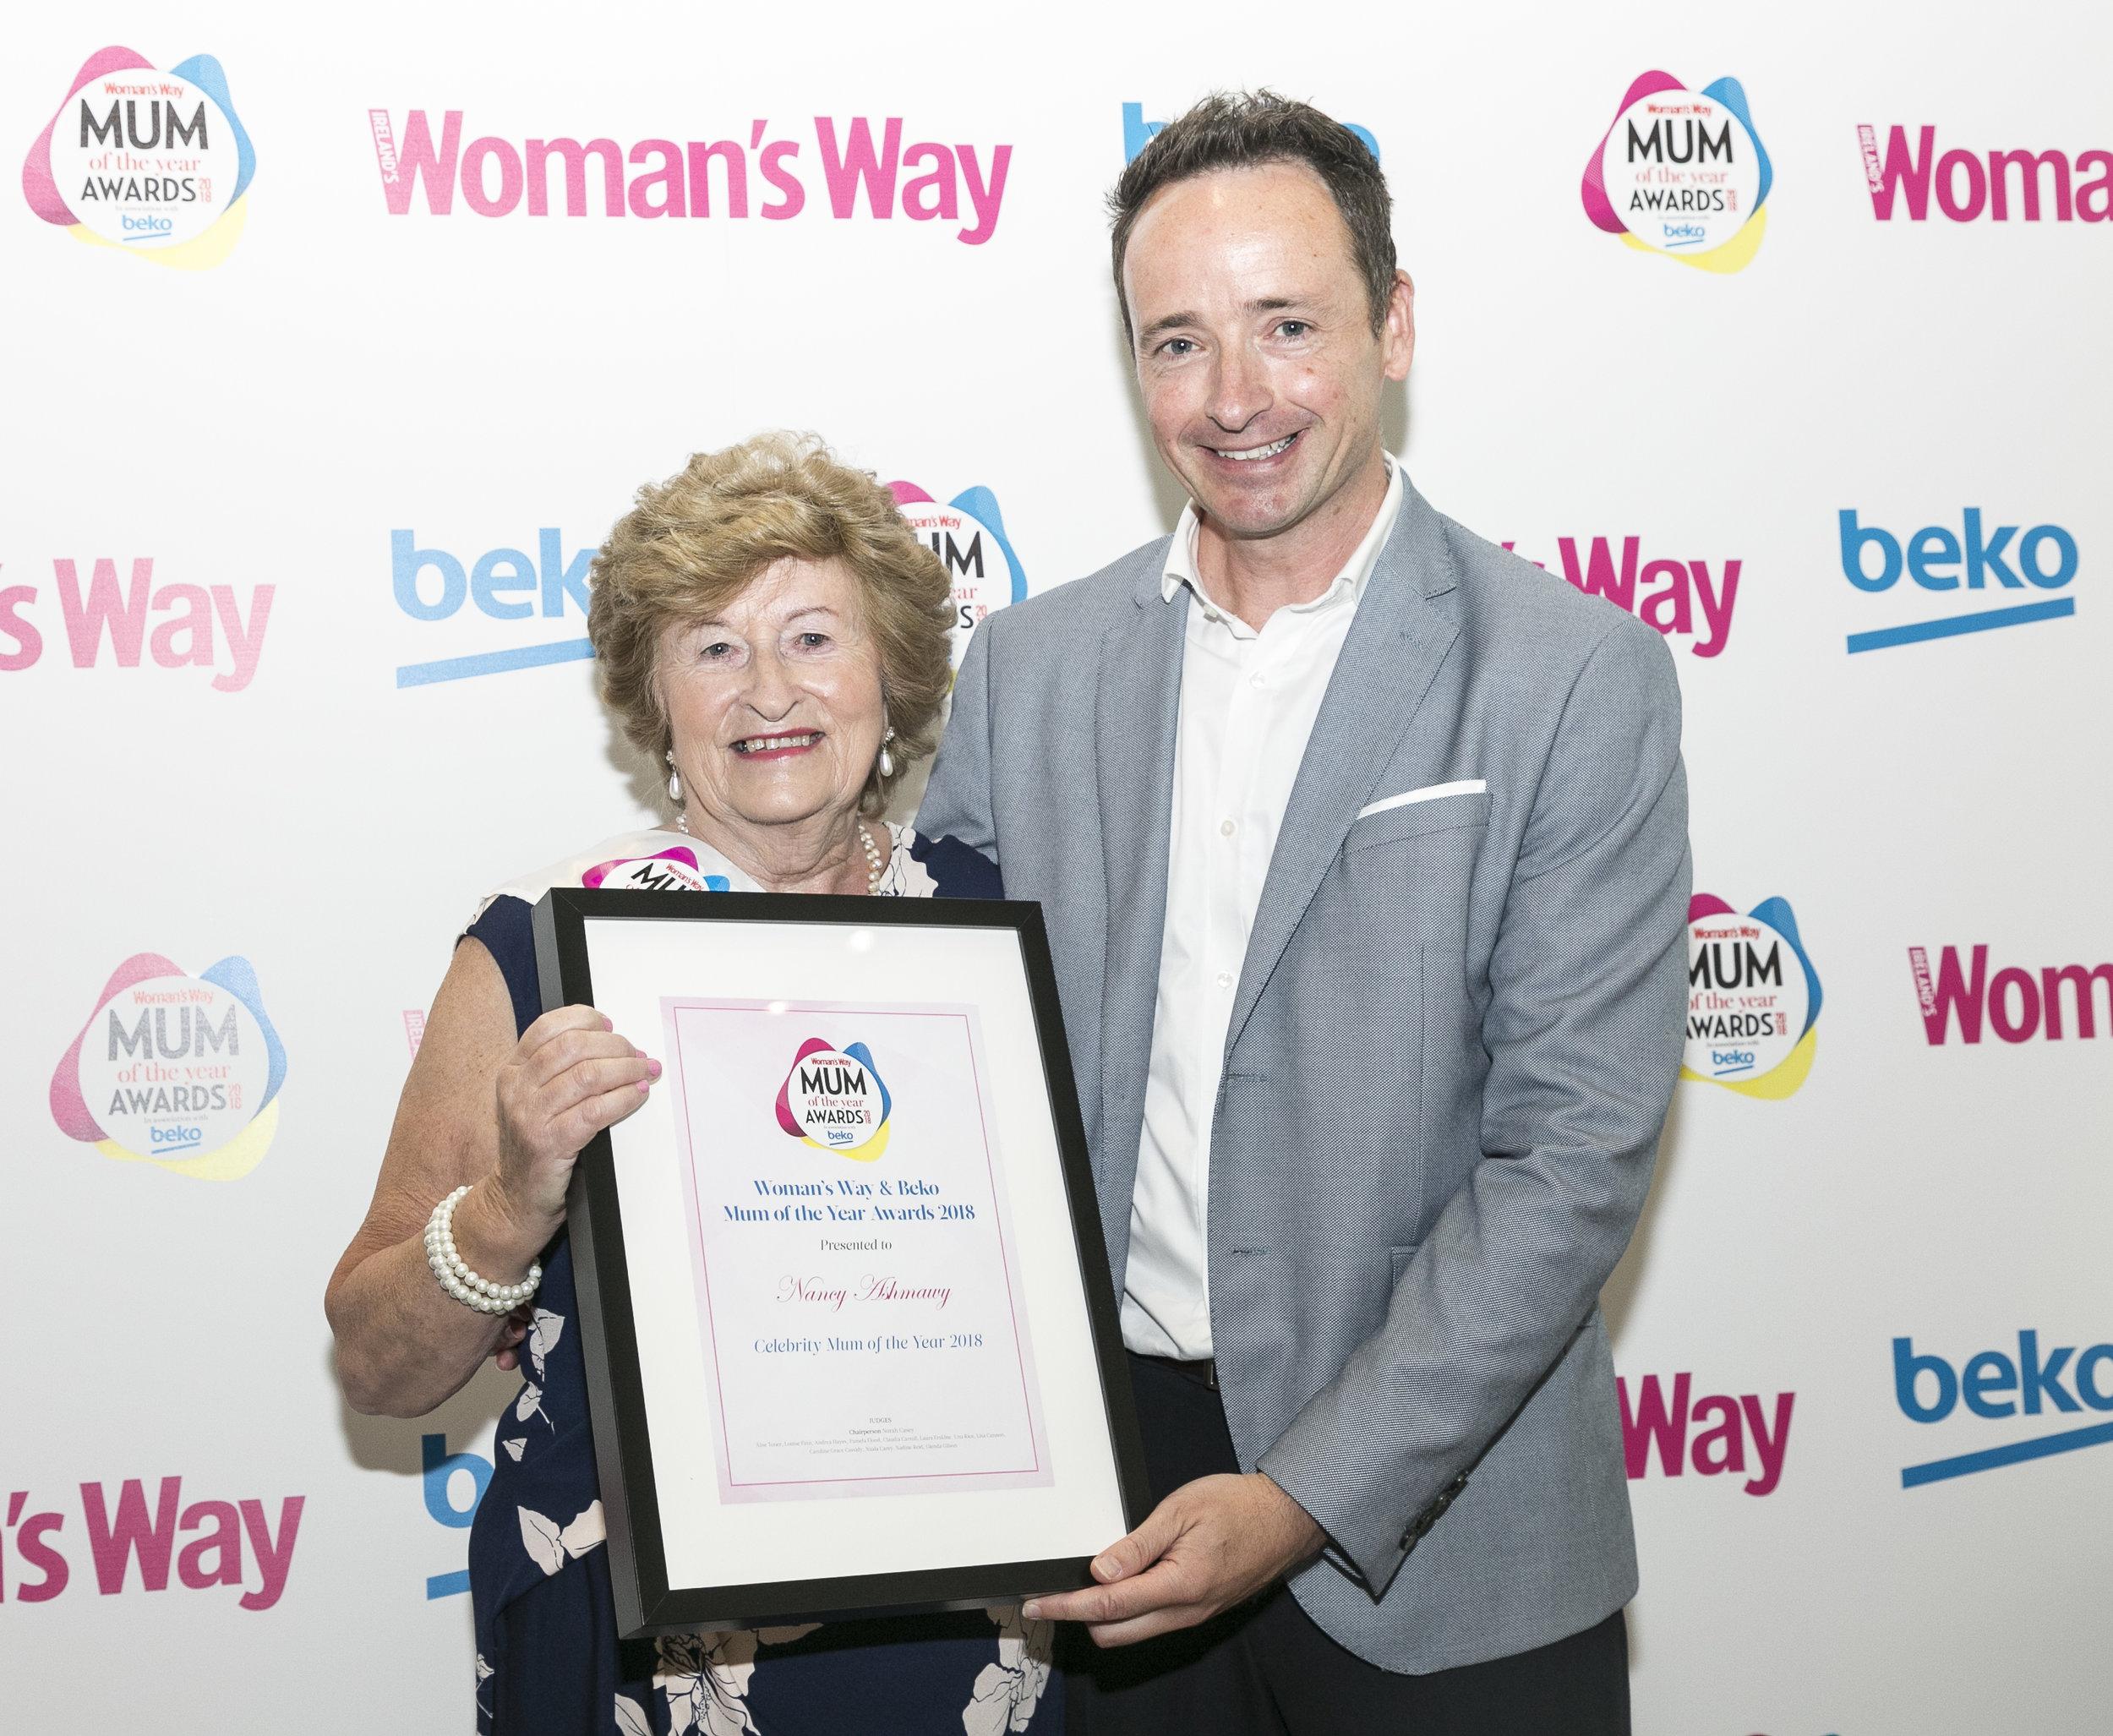 Ian pictured with Celeb Mum Nancy Ashmawy